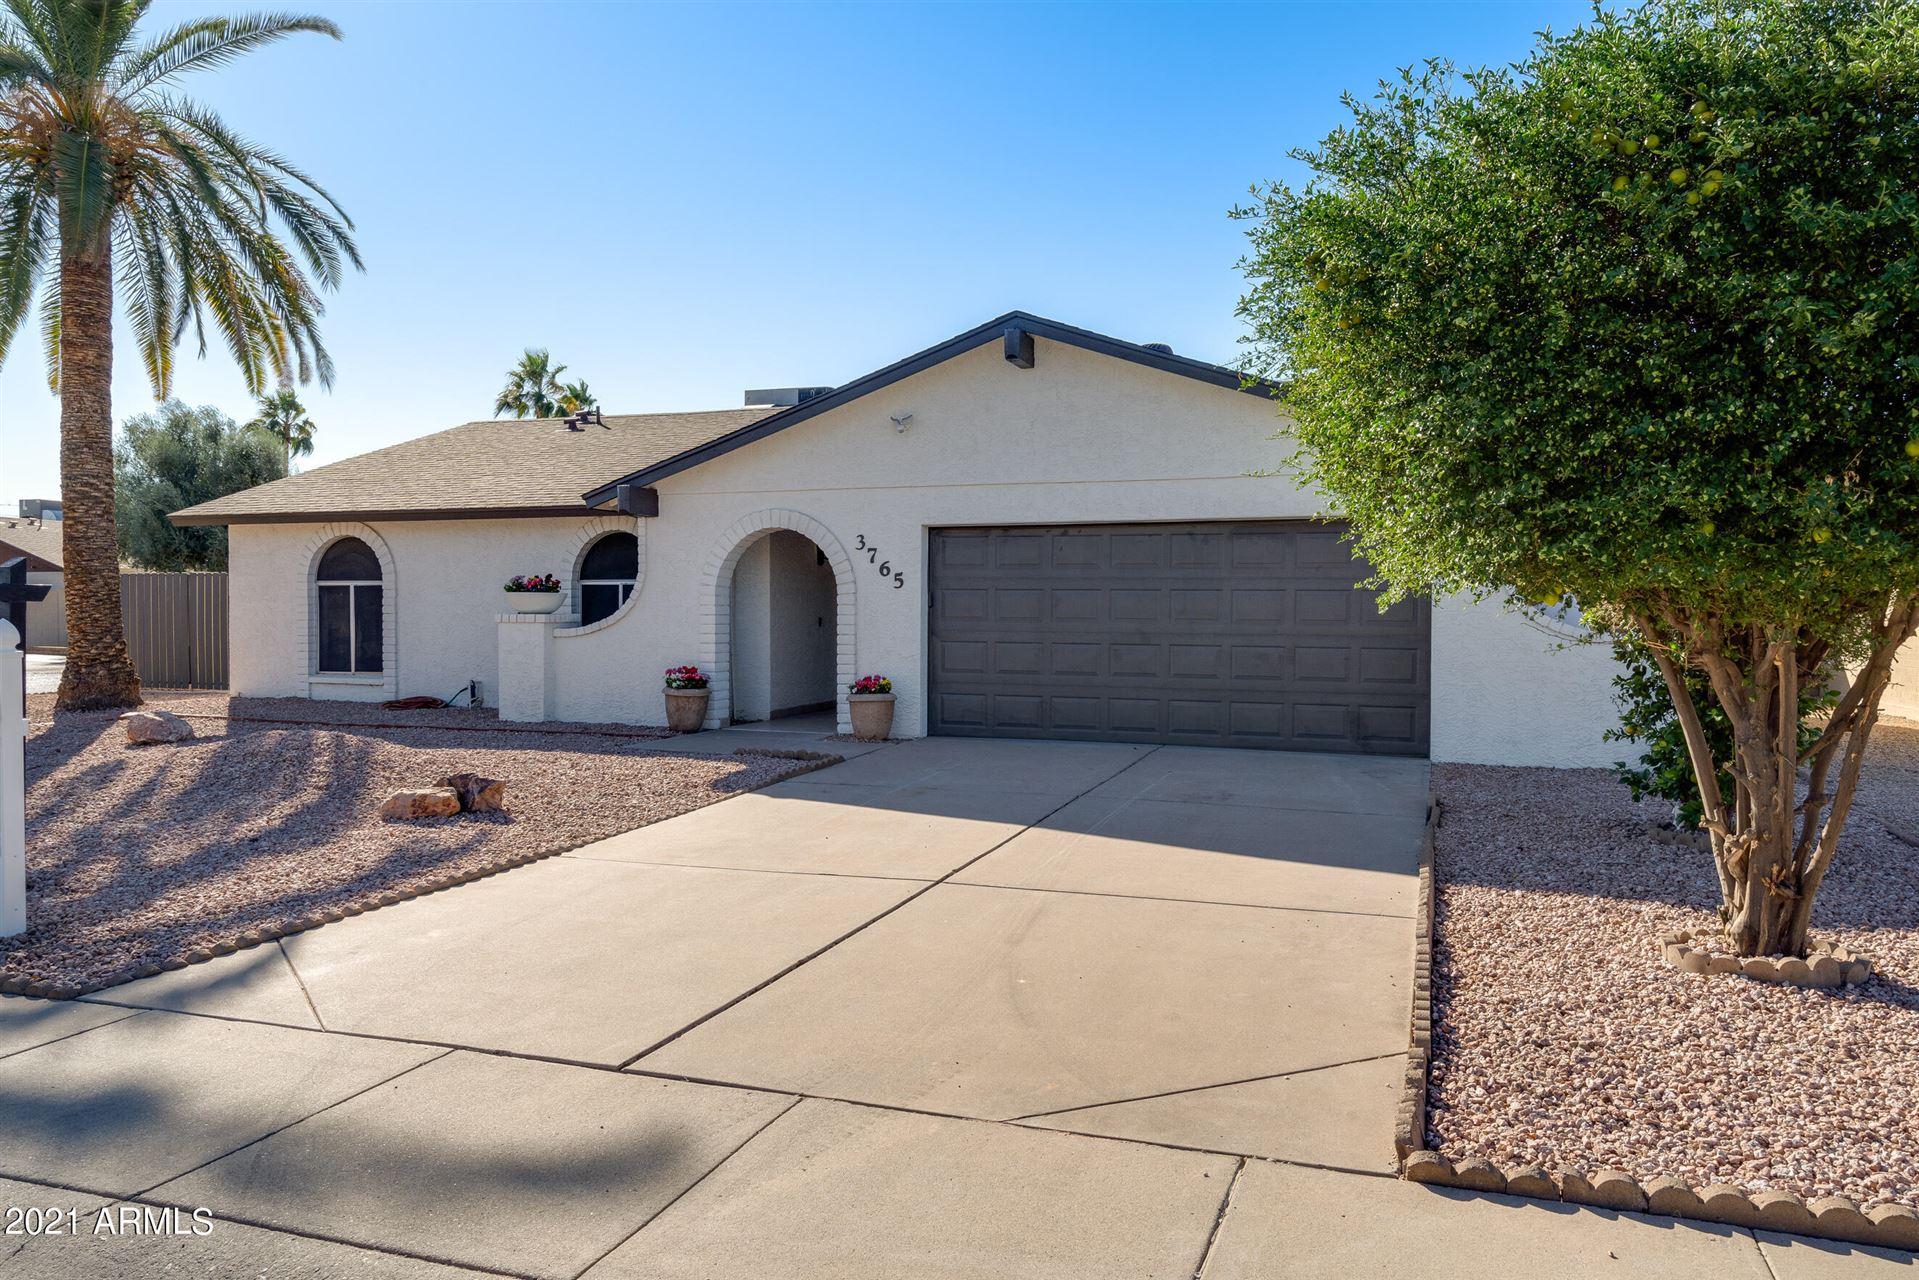 3765 W WOOD Drive, Phoenix, AZ 85029 - MLS#: 6311930